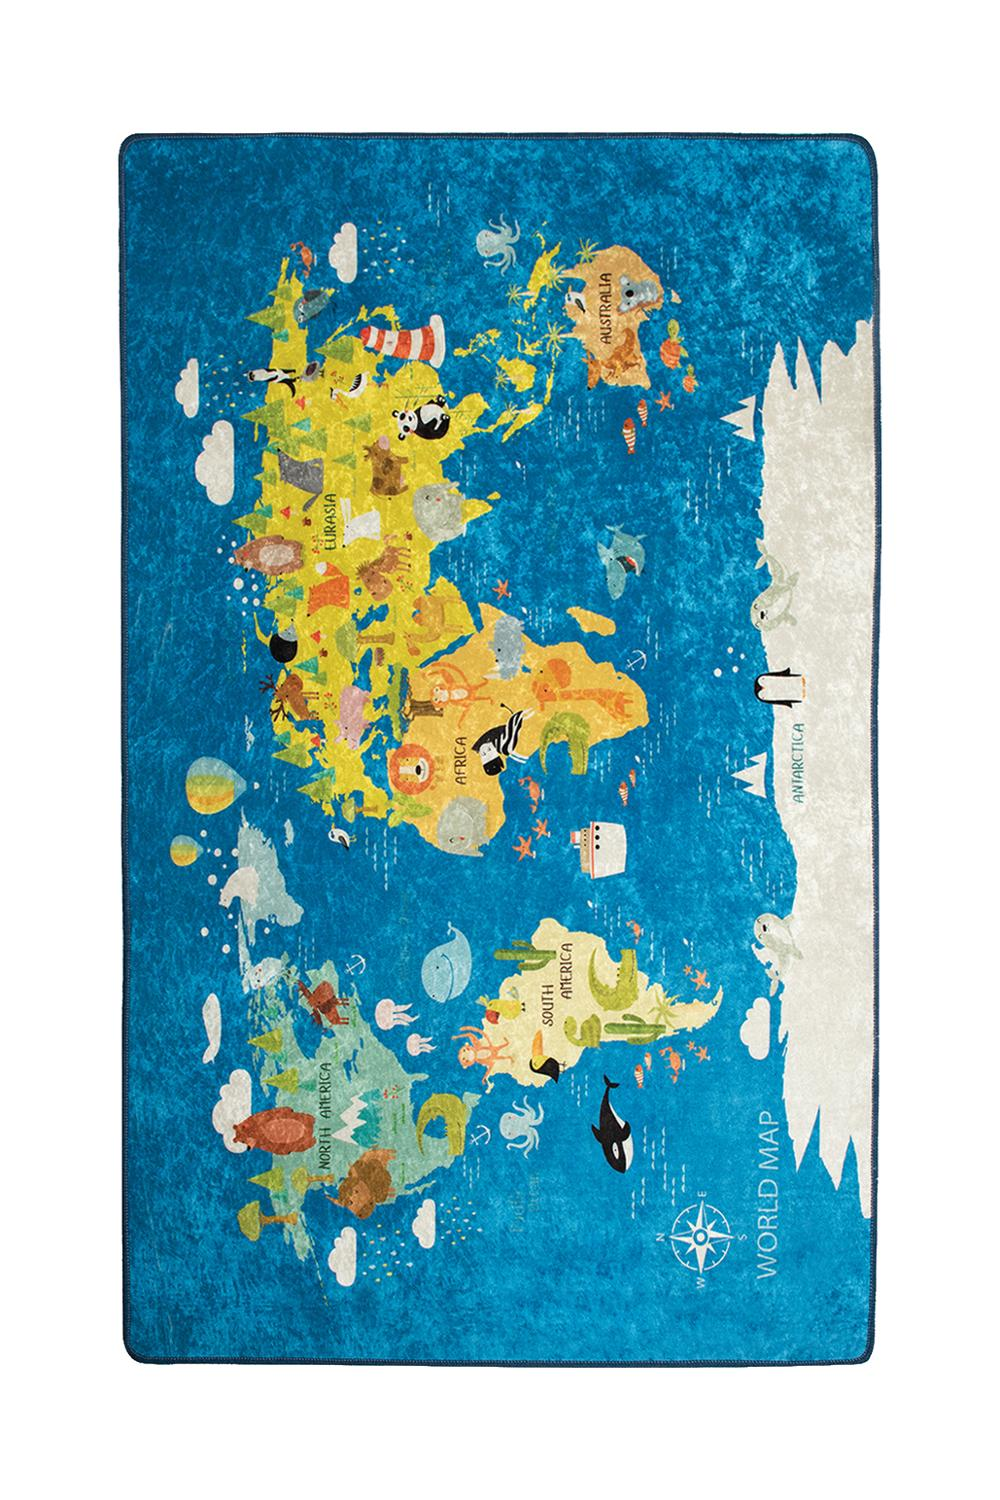 خريطة العالم الرقمية المطبوعة الاطفال غرفة نوم منطقة البساط لينة الطفل اللعب الزحف البساط الأطفال حصير اللعب السرير السجاد غرف معيشة